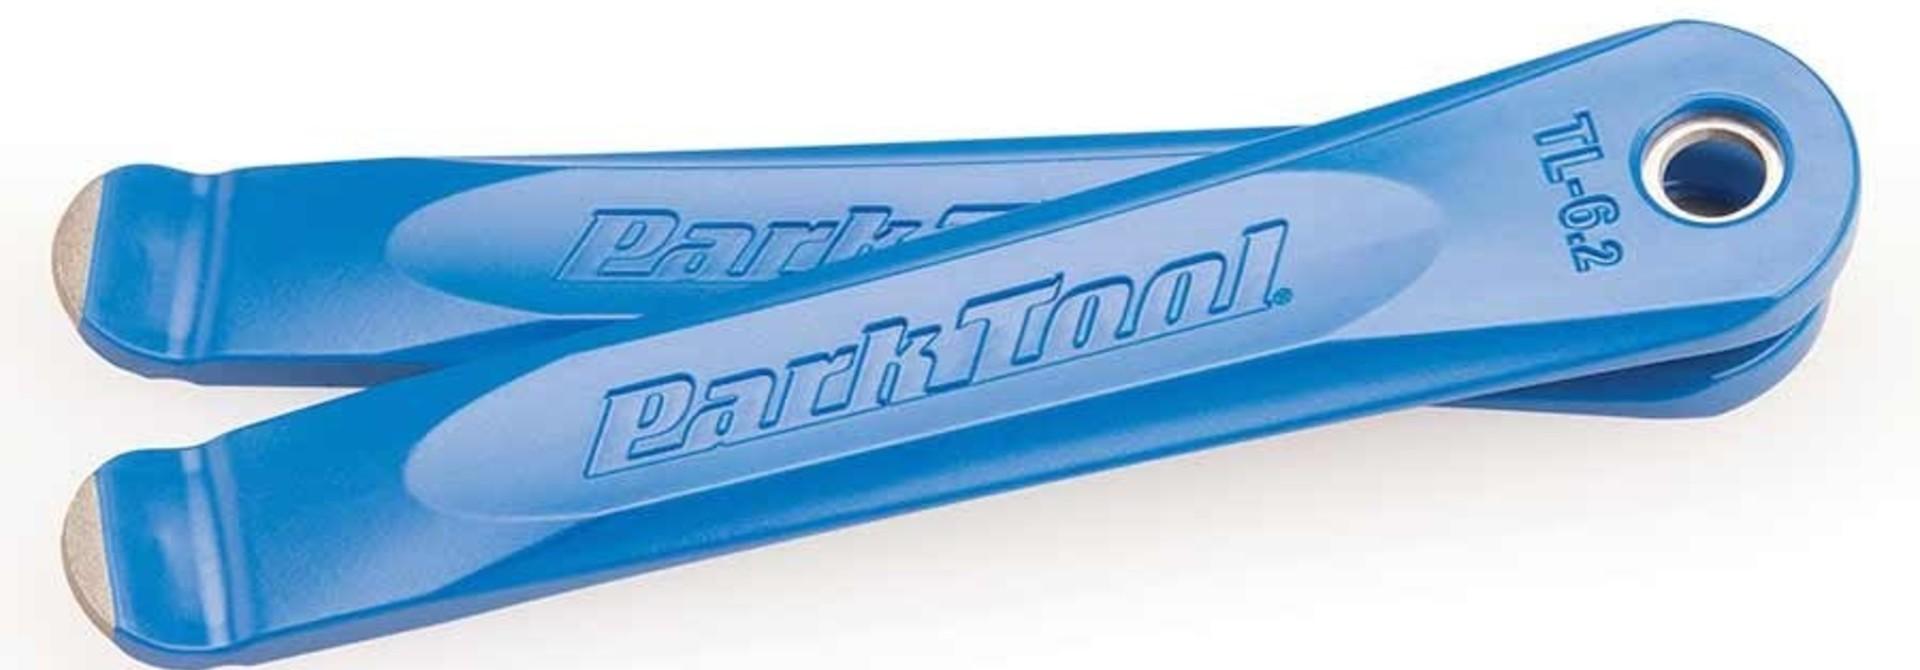 Park Tool, TL-6.2, Tire lever set